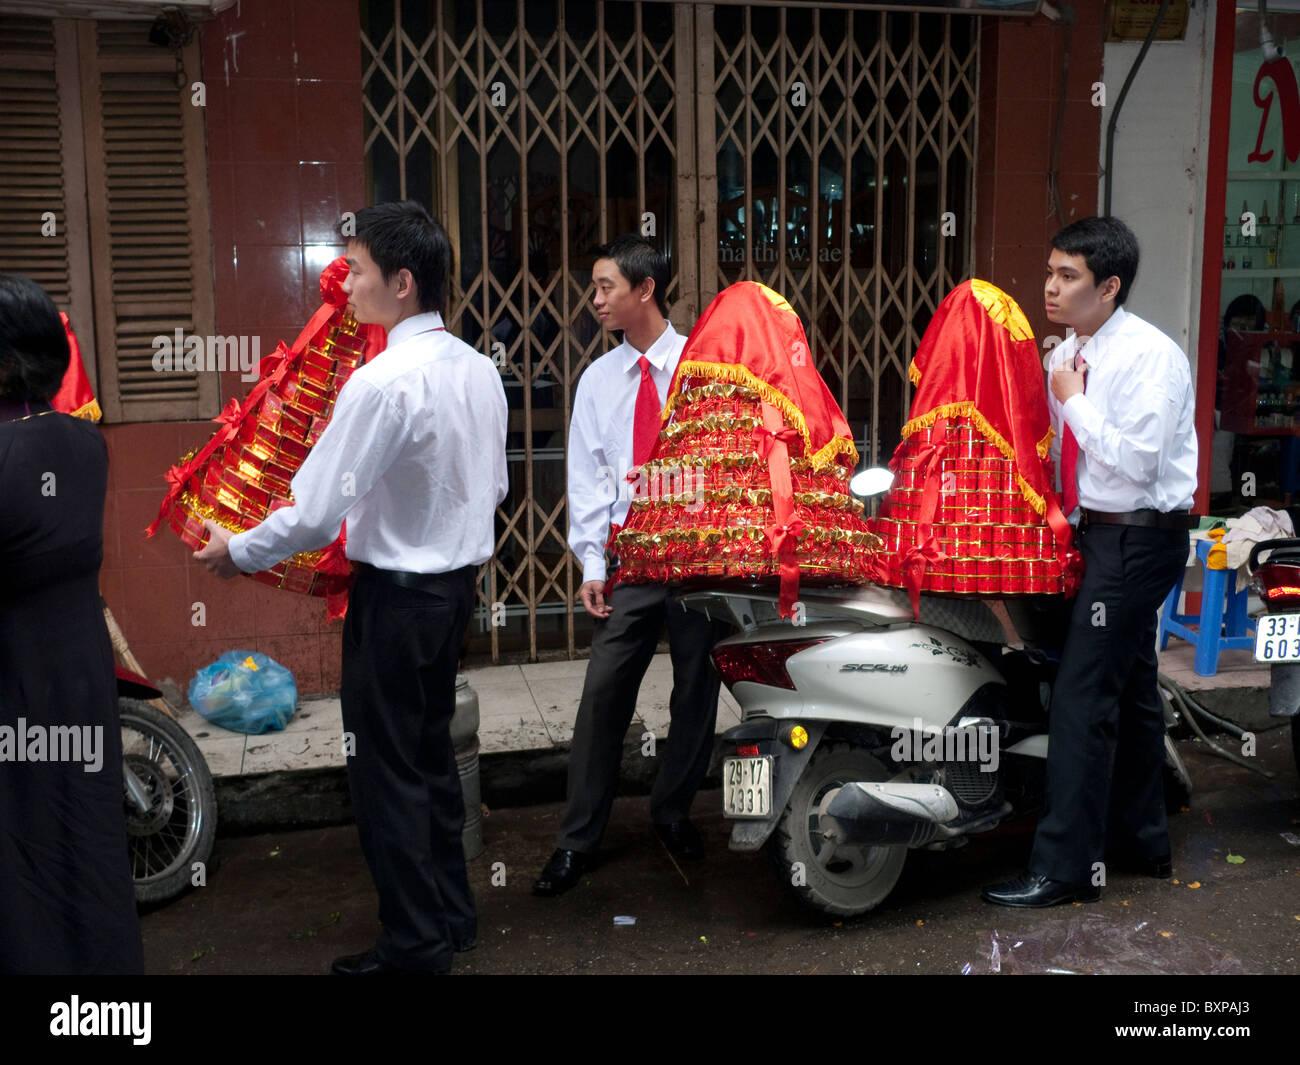 Gli uomini che trasportano le celebrazioni per un matrimonio Immagini Stock